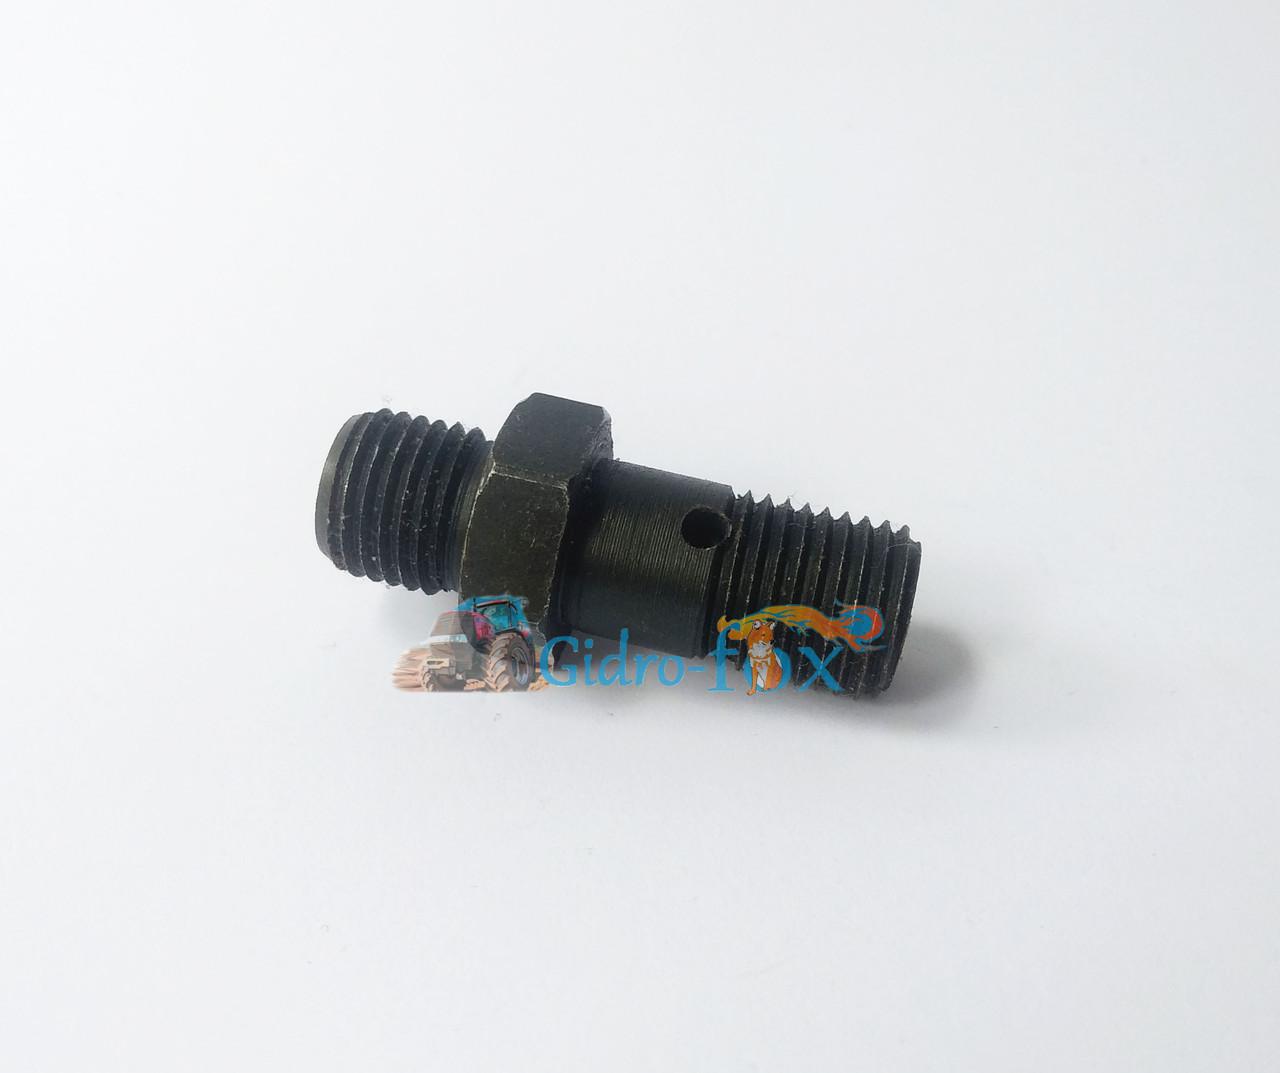 Клапан перепускной (обратный клапан) демпфер ТНВД Т-40, Т-25, Т-16 Кт.Н. 21.1106420